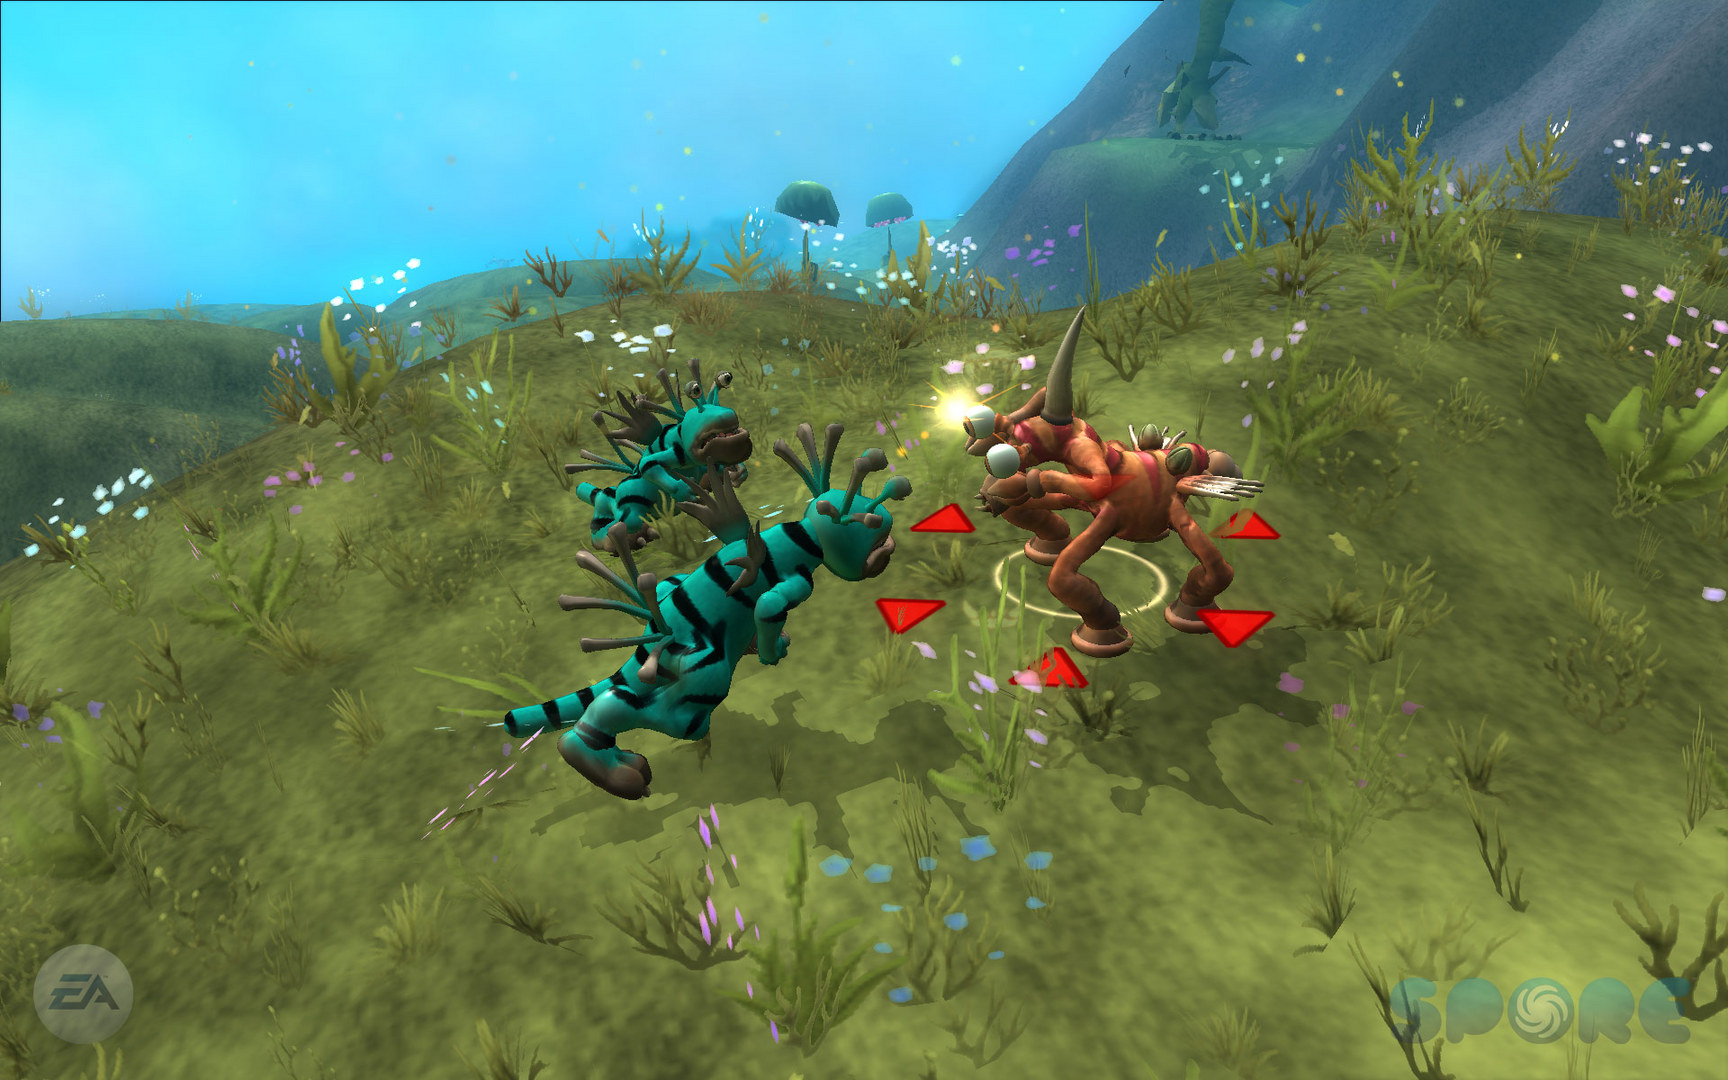 free spore full game download mac